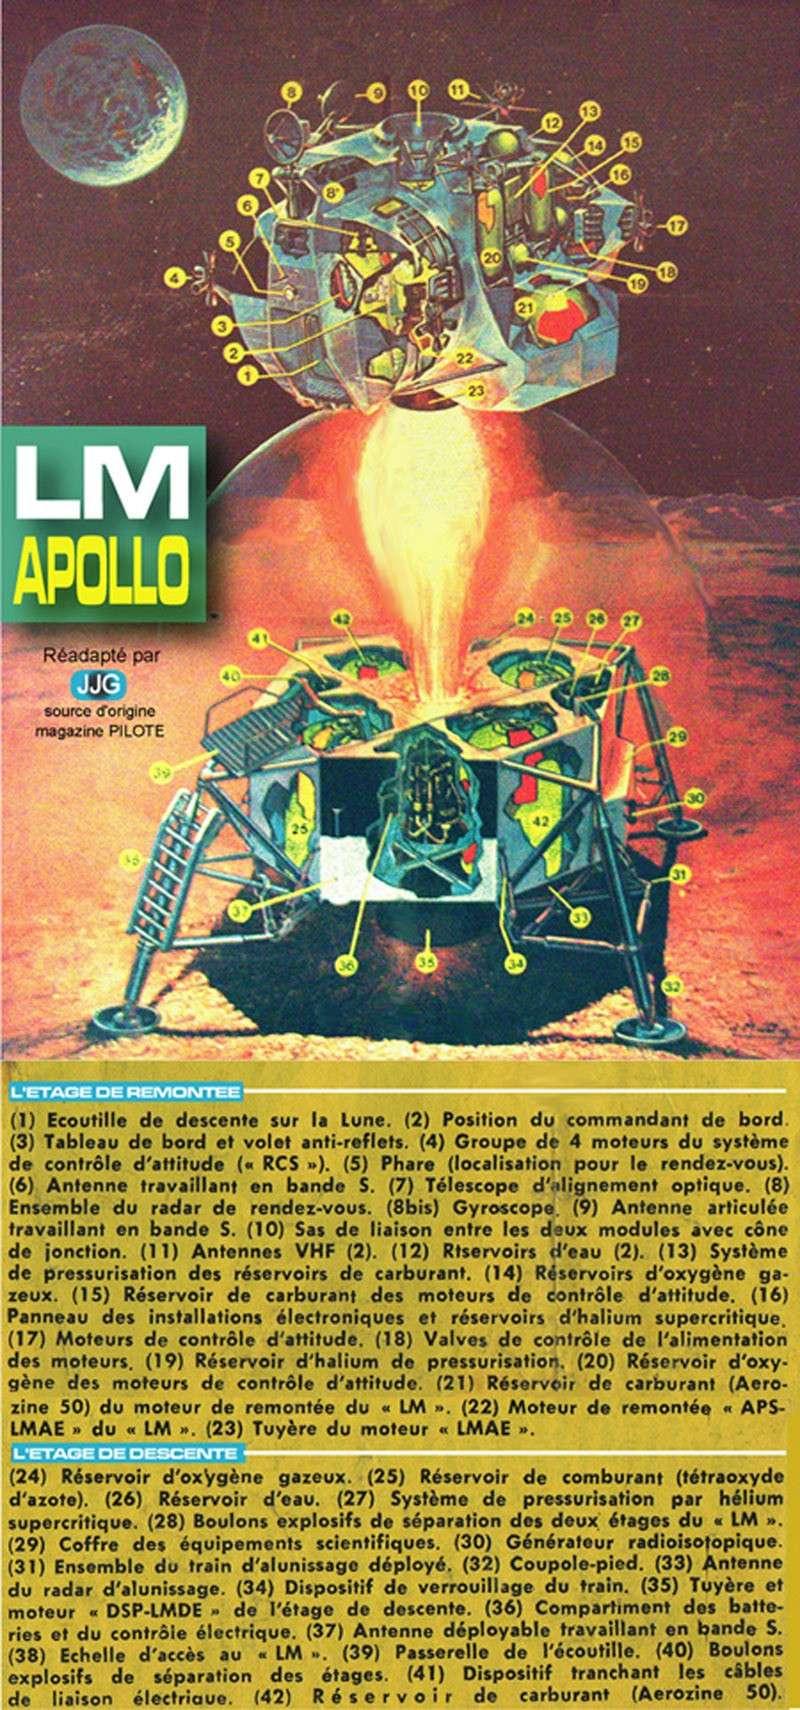 Pour le plaisir des yeux (dessins et schémas) - Page 5 Apollo10